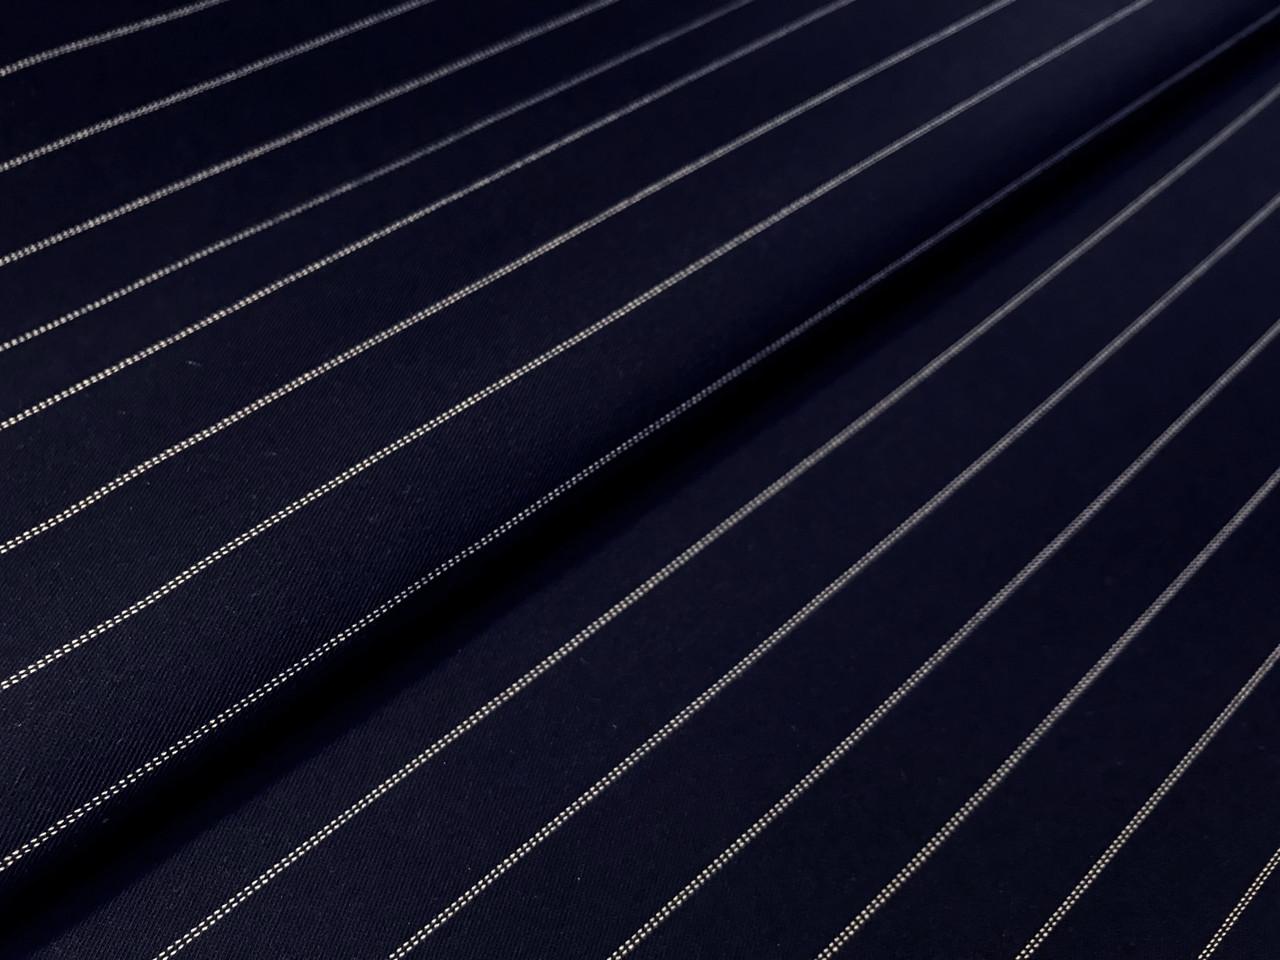 Костюмный тиар полоска полоска 15 мм, темно-синий